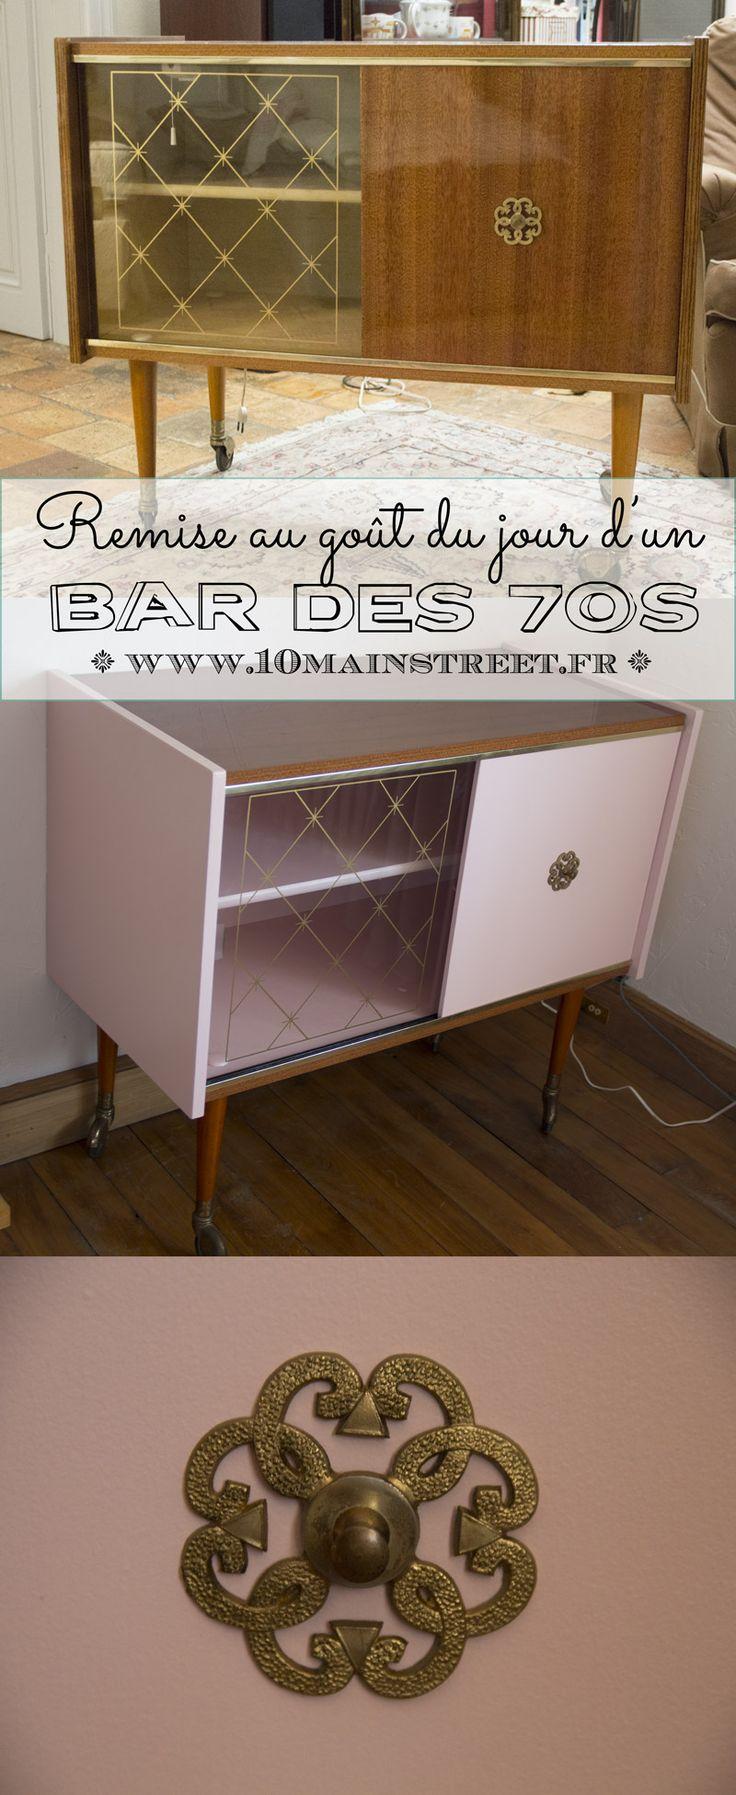 Remise au goût du jour d'un bar des 70s   www.10mainstreet.fr